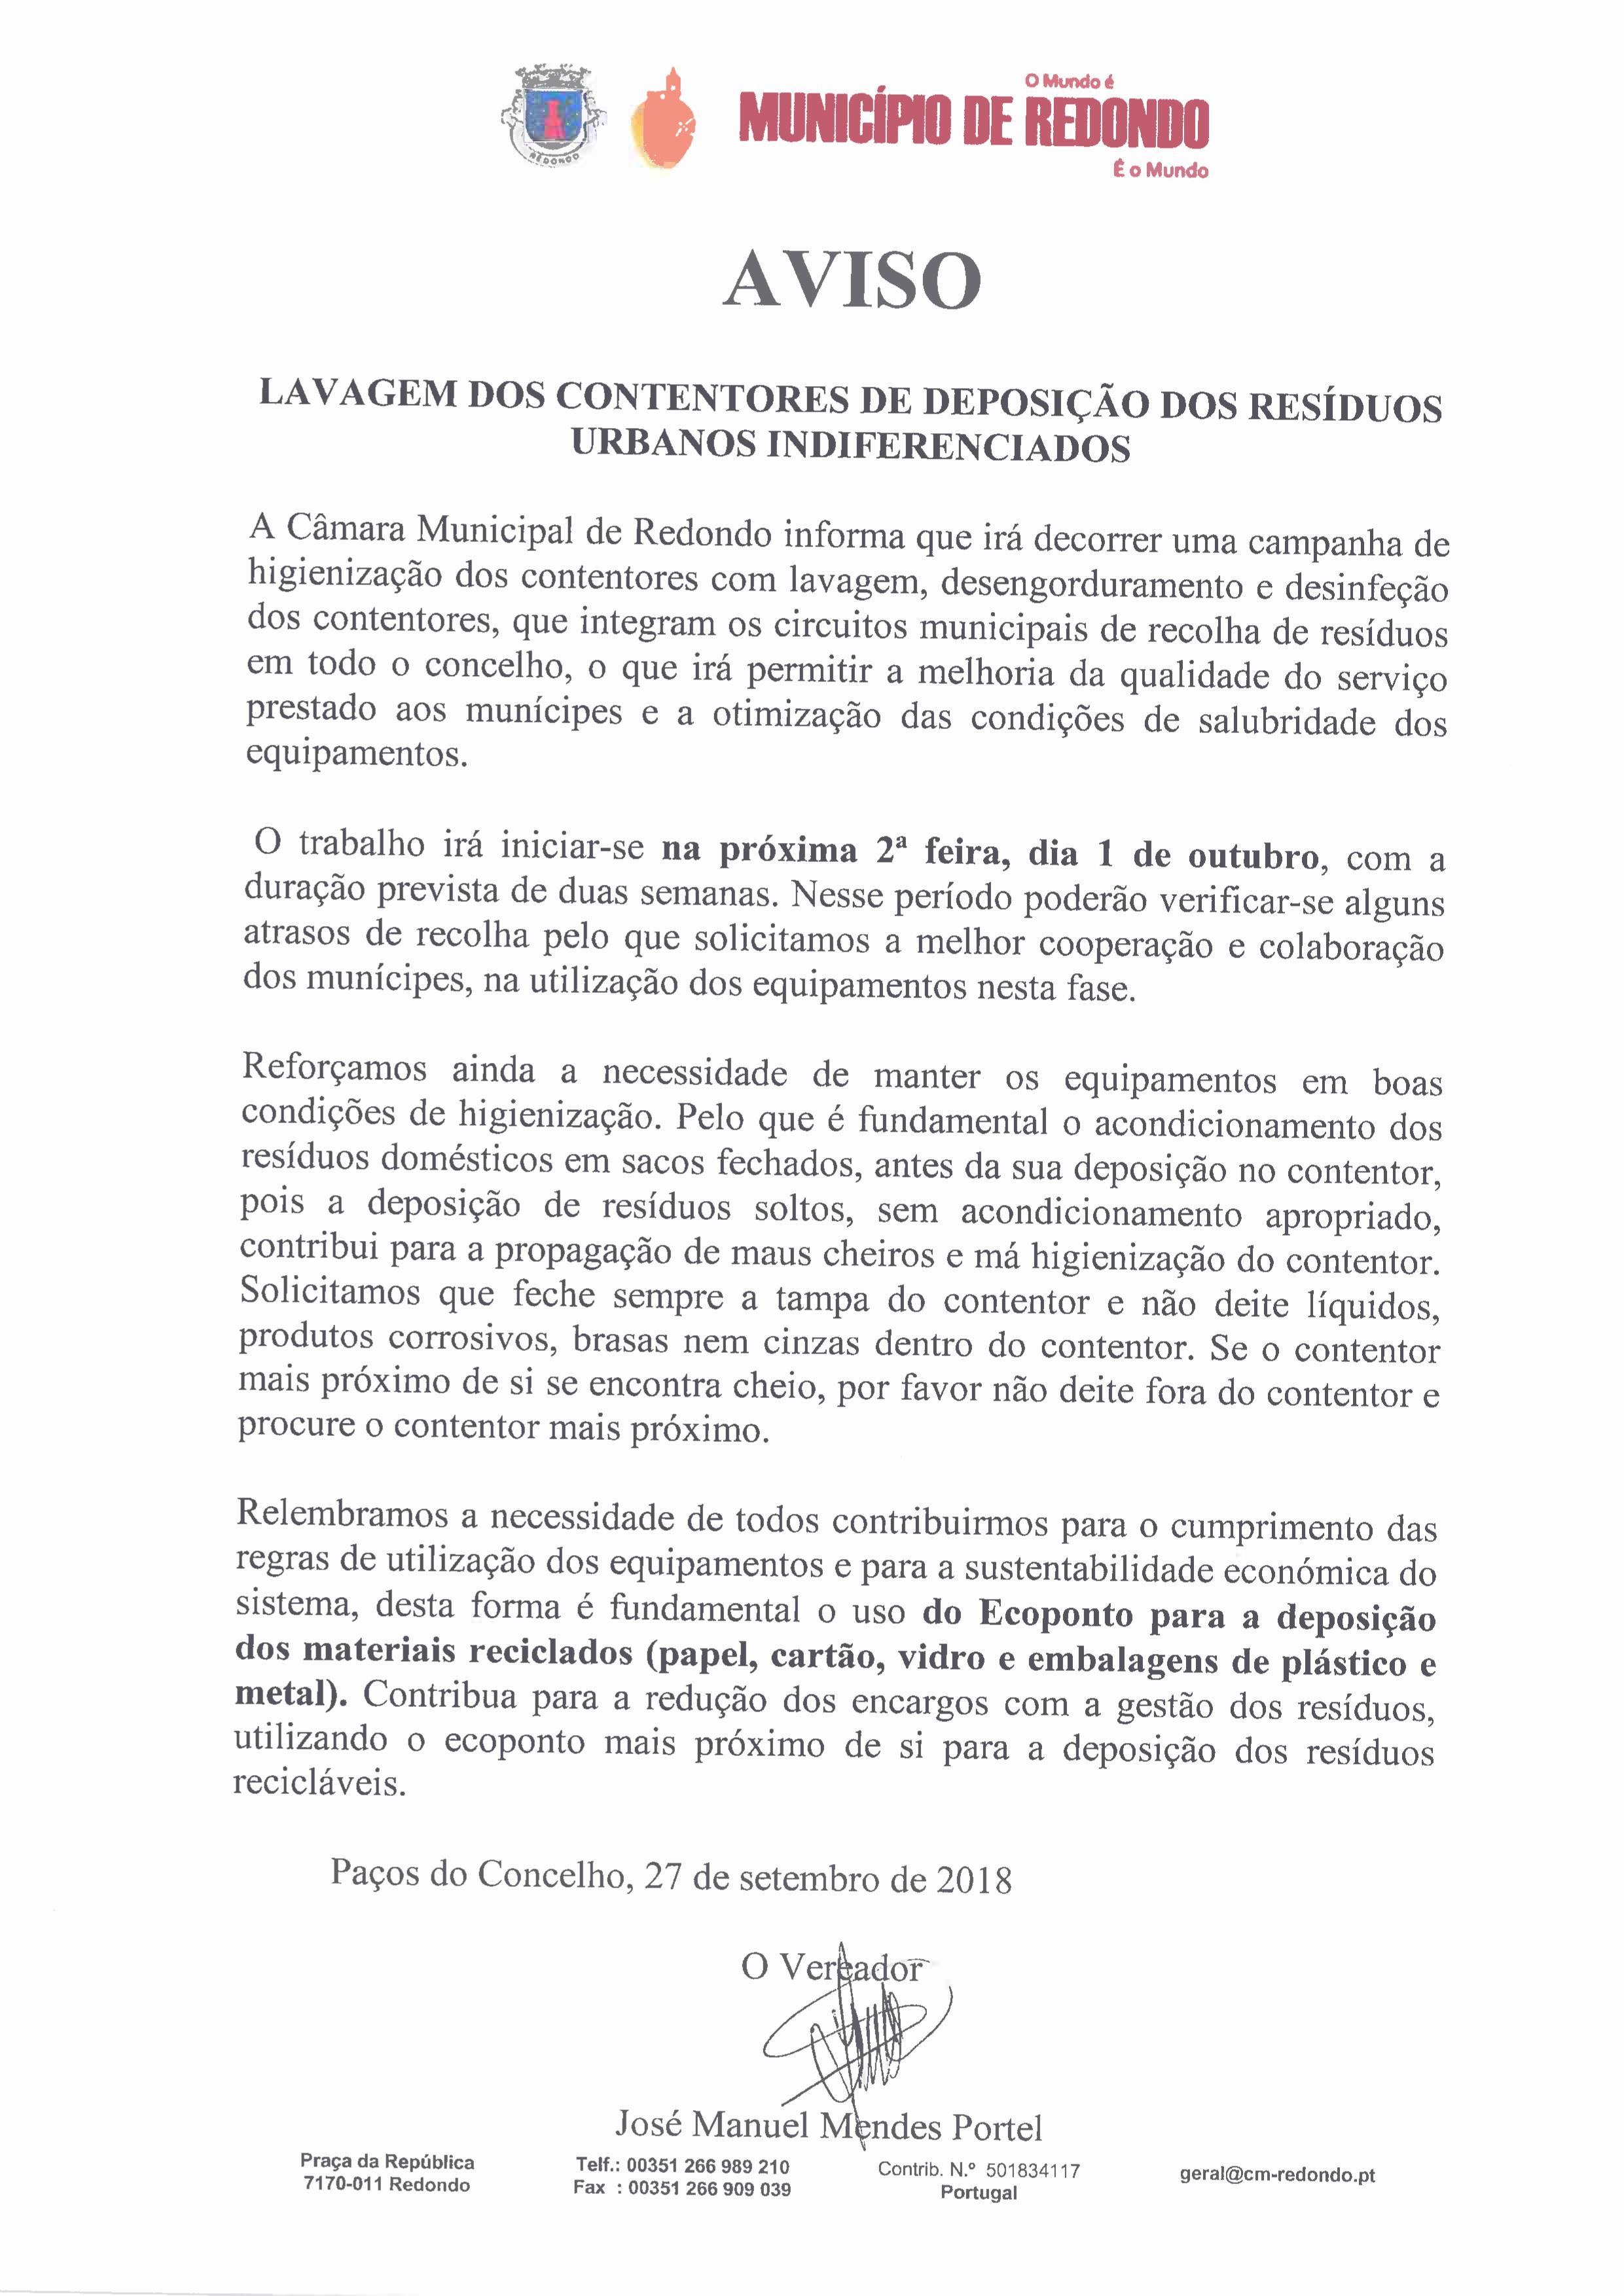 Lavagem Contentores CMR out2018.jpg